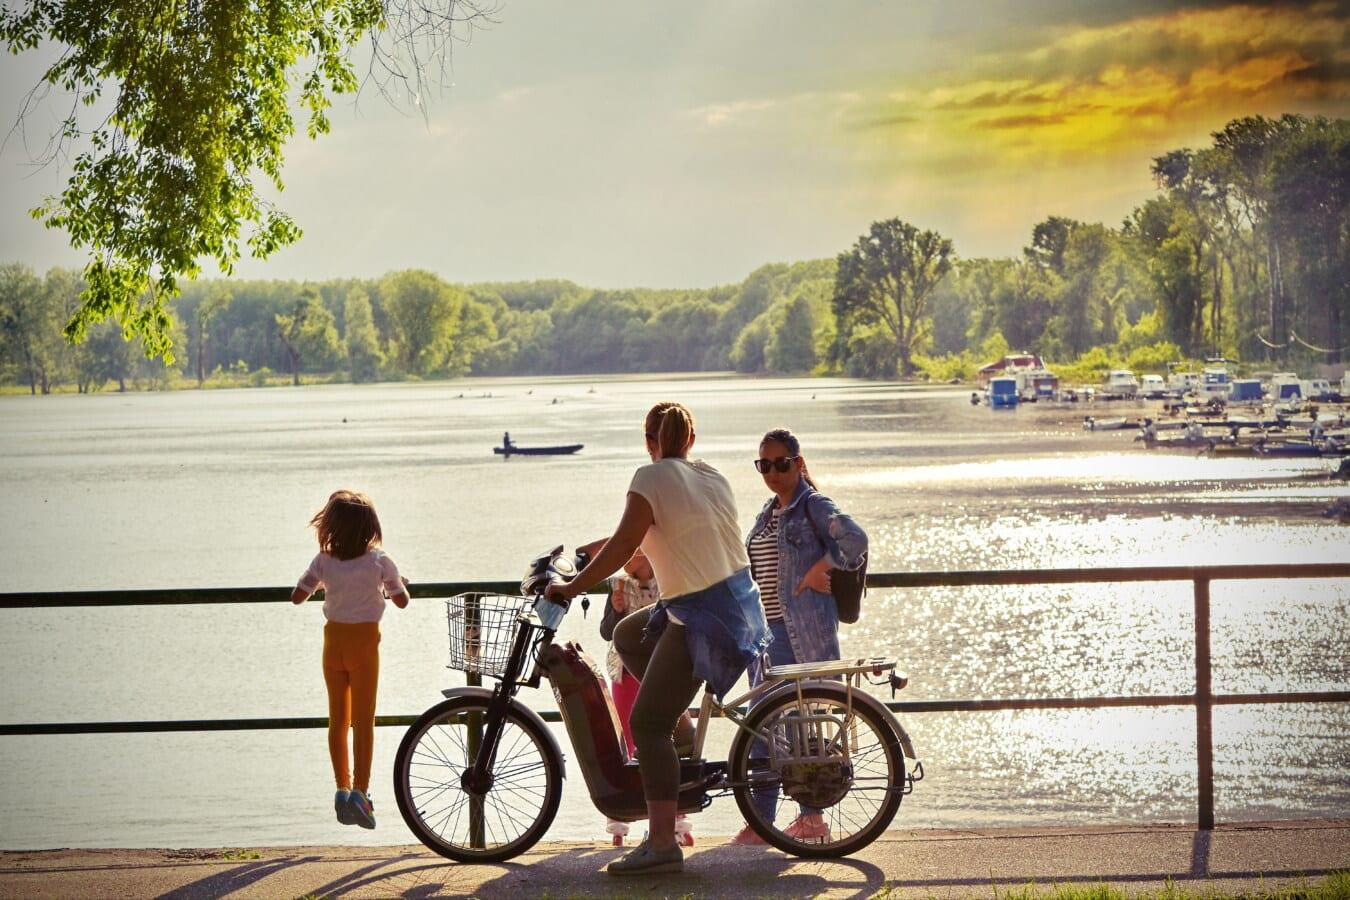 genießen, Menschen, Entspannung, Fuß, am See, Sommersaison, Erholungsgebiet, Fahrrad, Radfahrer, Rad